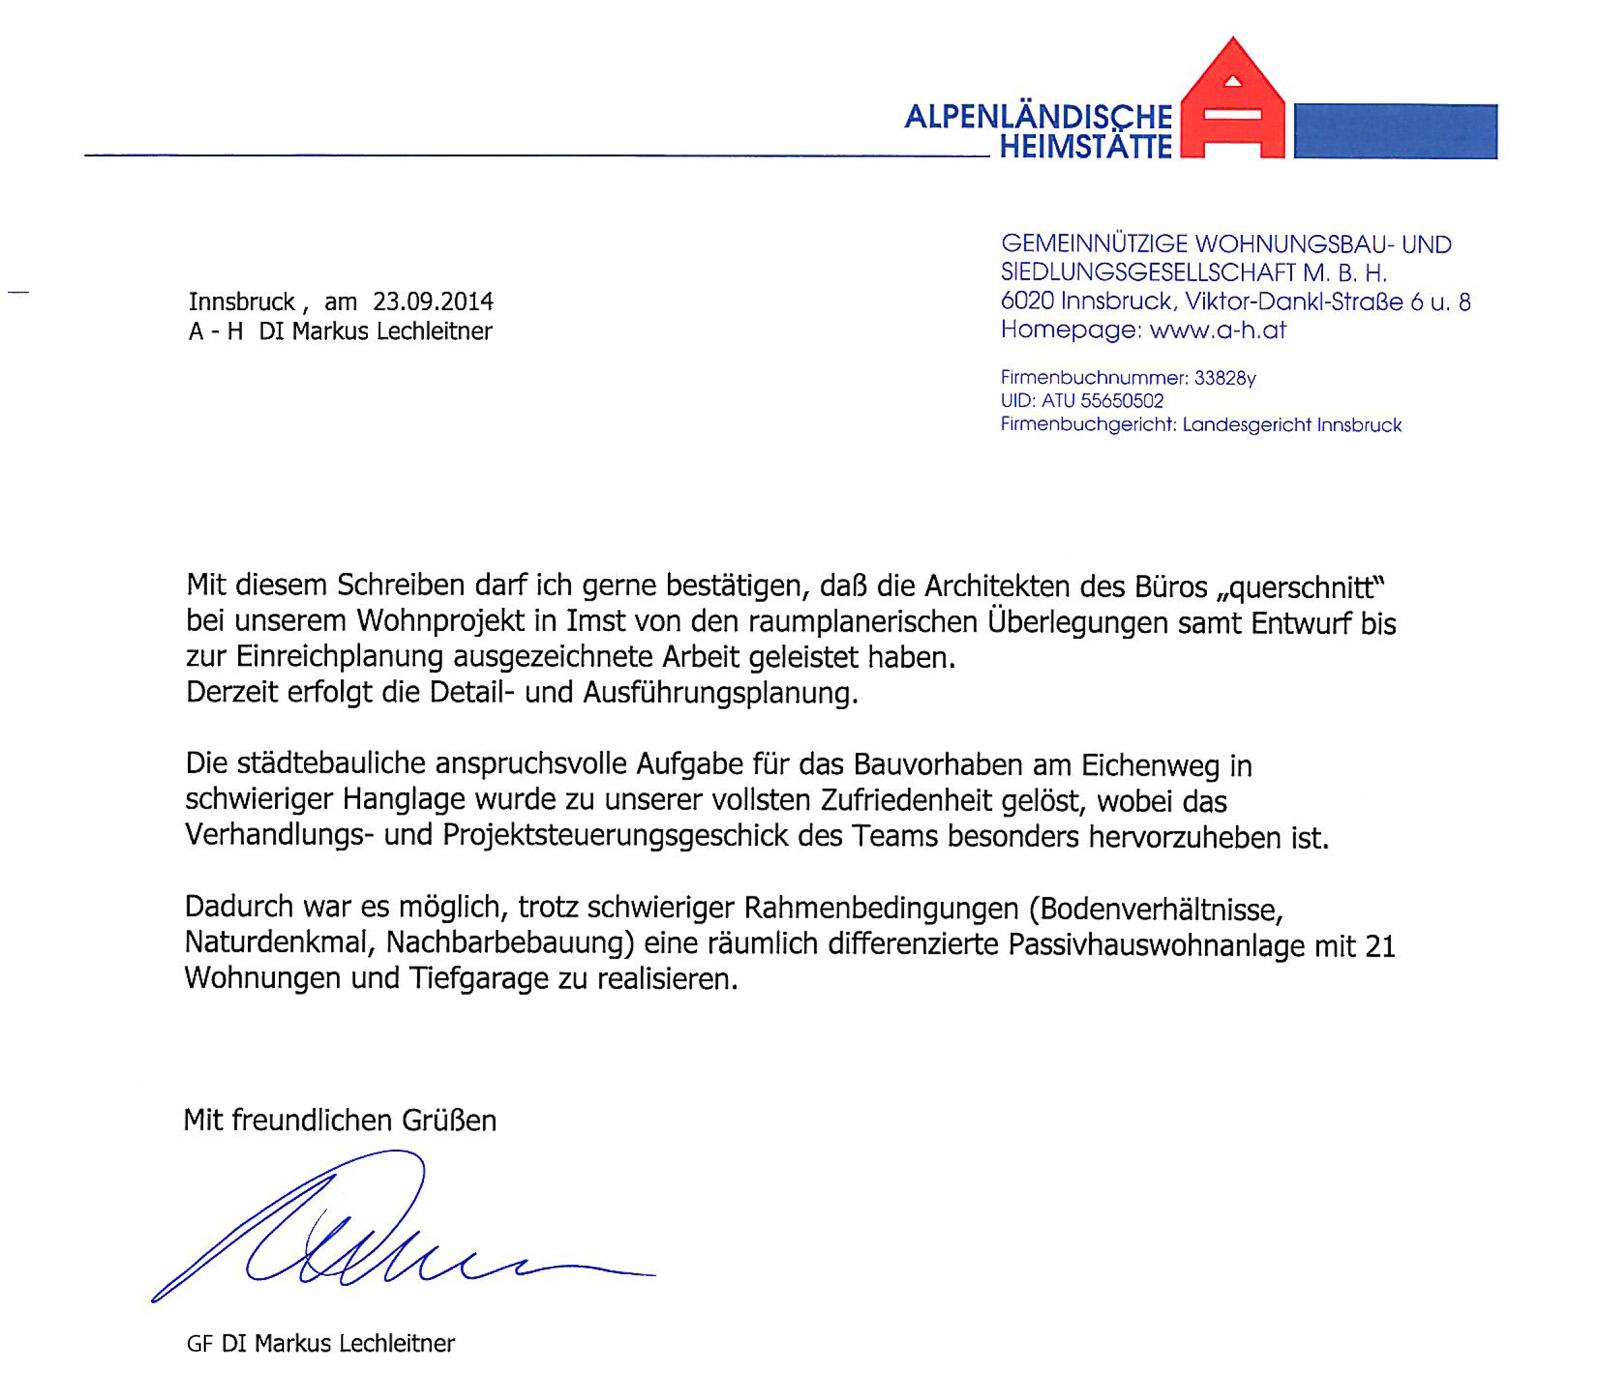 Referenz Alpenländische Heimstätte - GF Markus Lechleitner